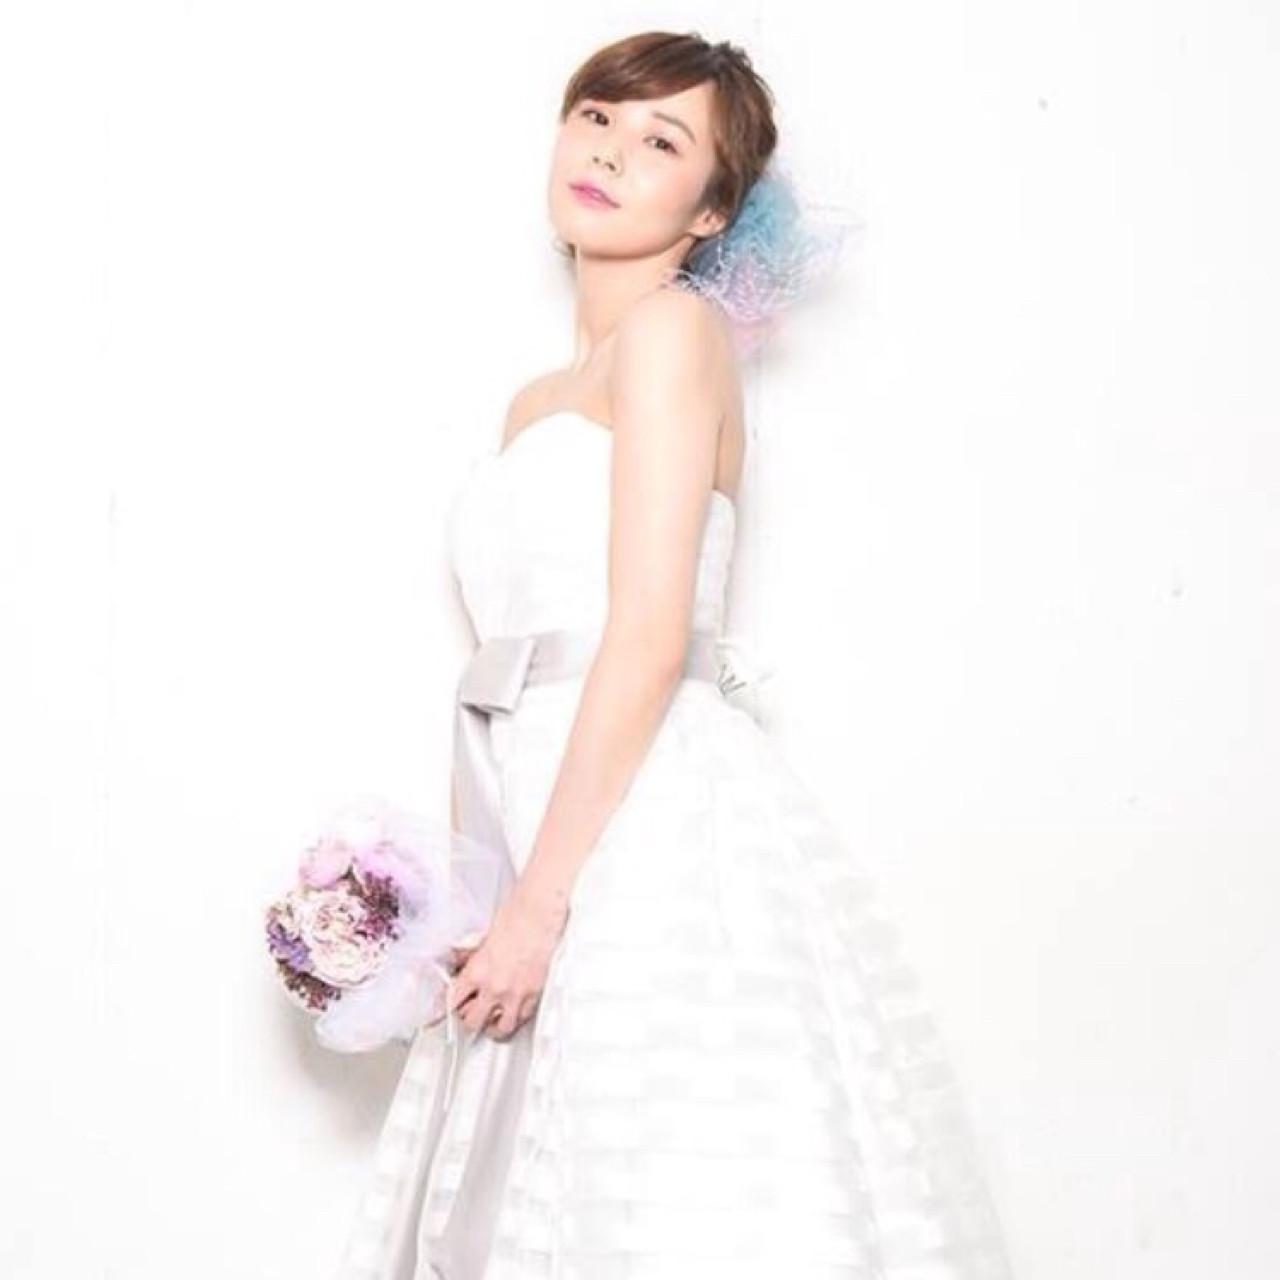 ヘアメイク 花嫁 結婚式 ミディアム ヘアスタイルや髪型の写真・画像 | ayano ura / hairmakeFULL